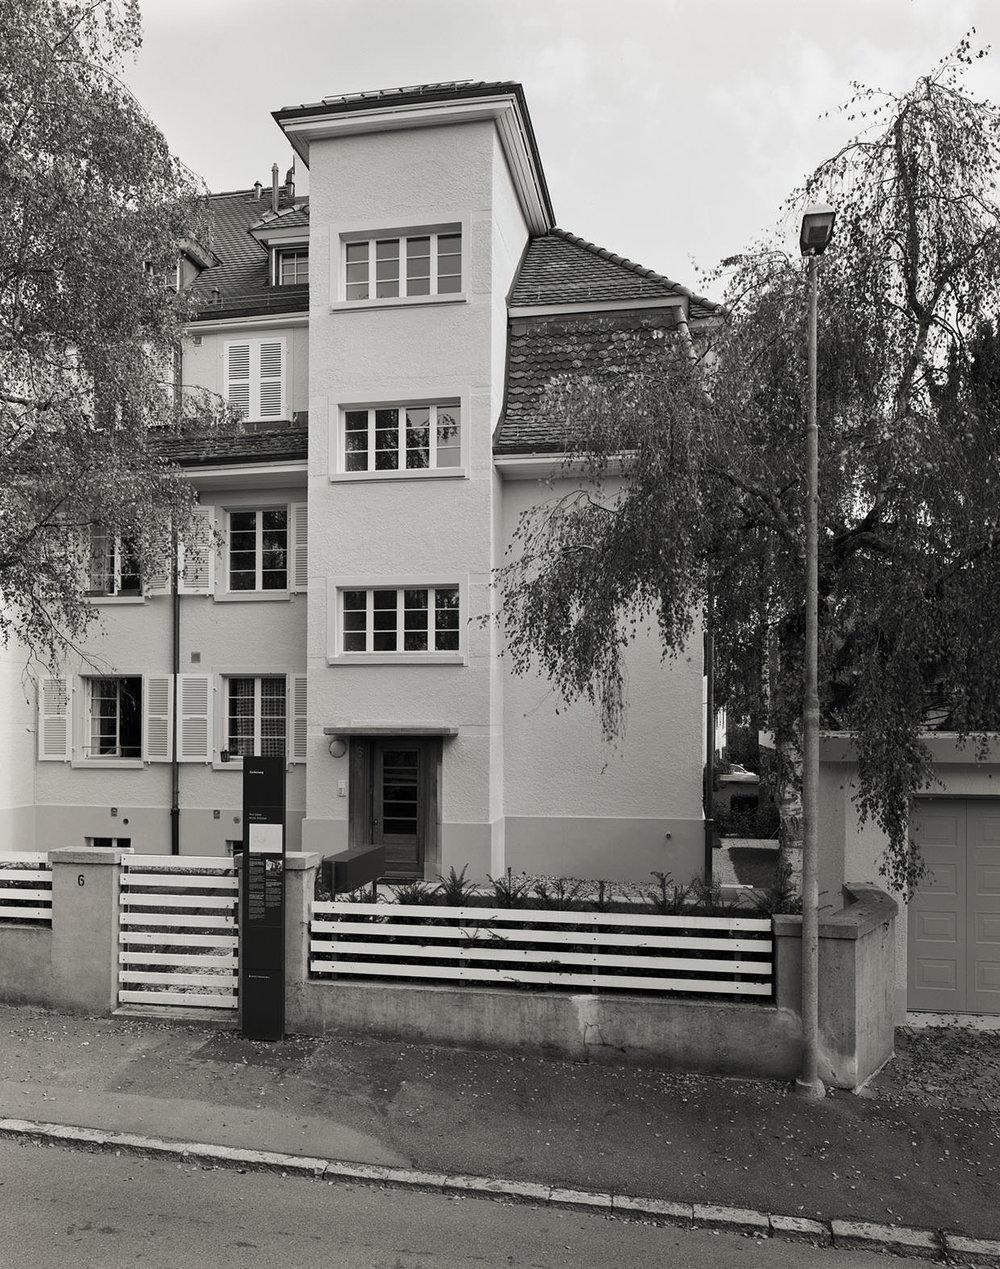 Abb.1  Wohnhaus von Paul und Lily Klee am Kistlerweg 6 in Bern , 2005, Fotograf: Dominique Uldry ©Bern: Dominique Uldry